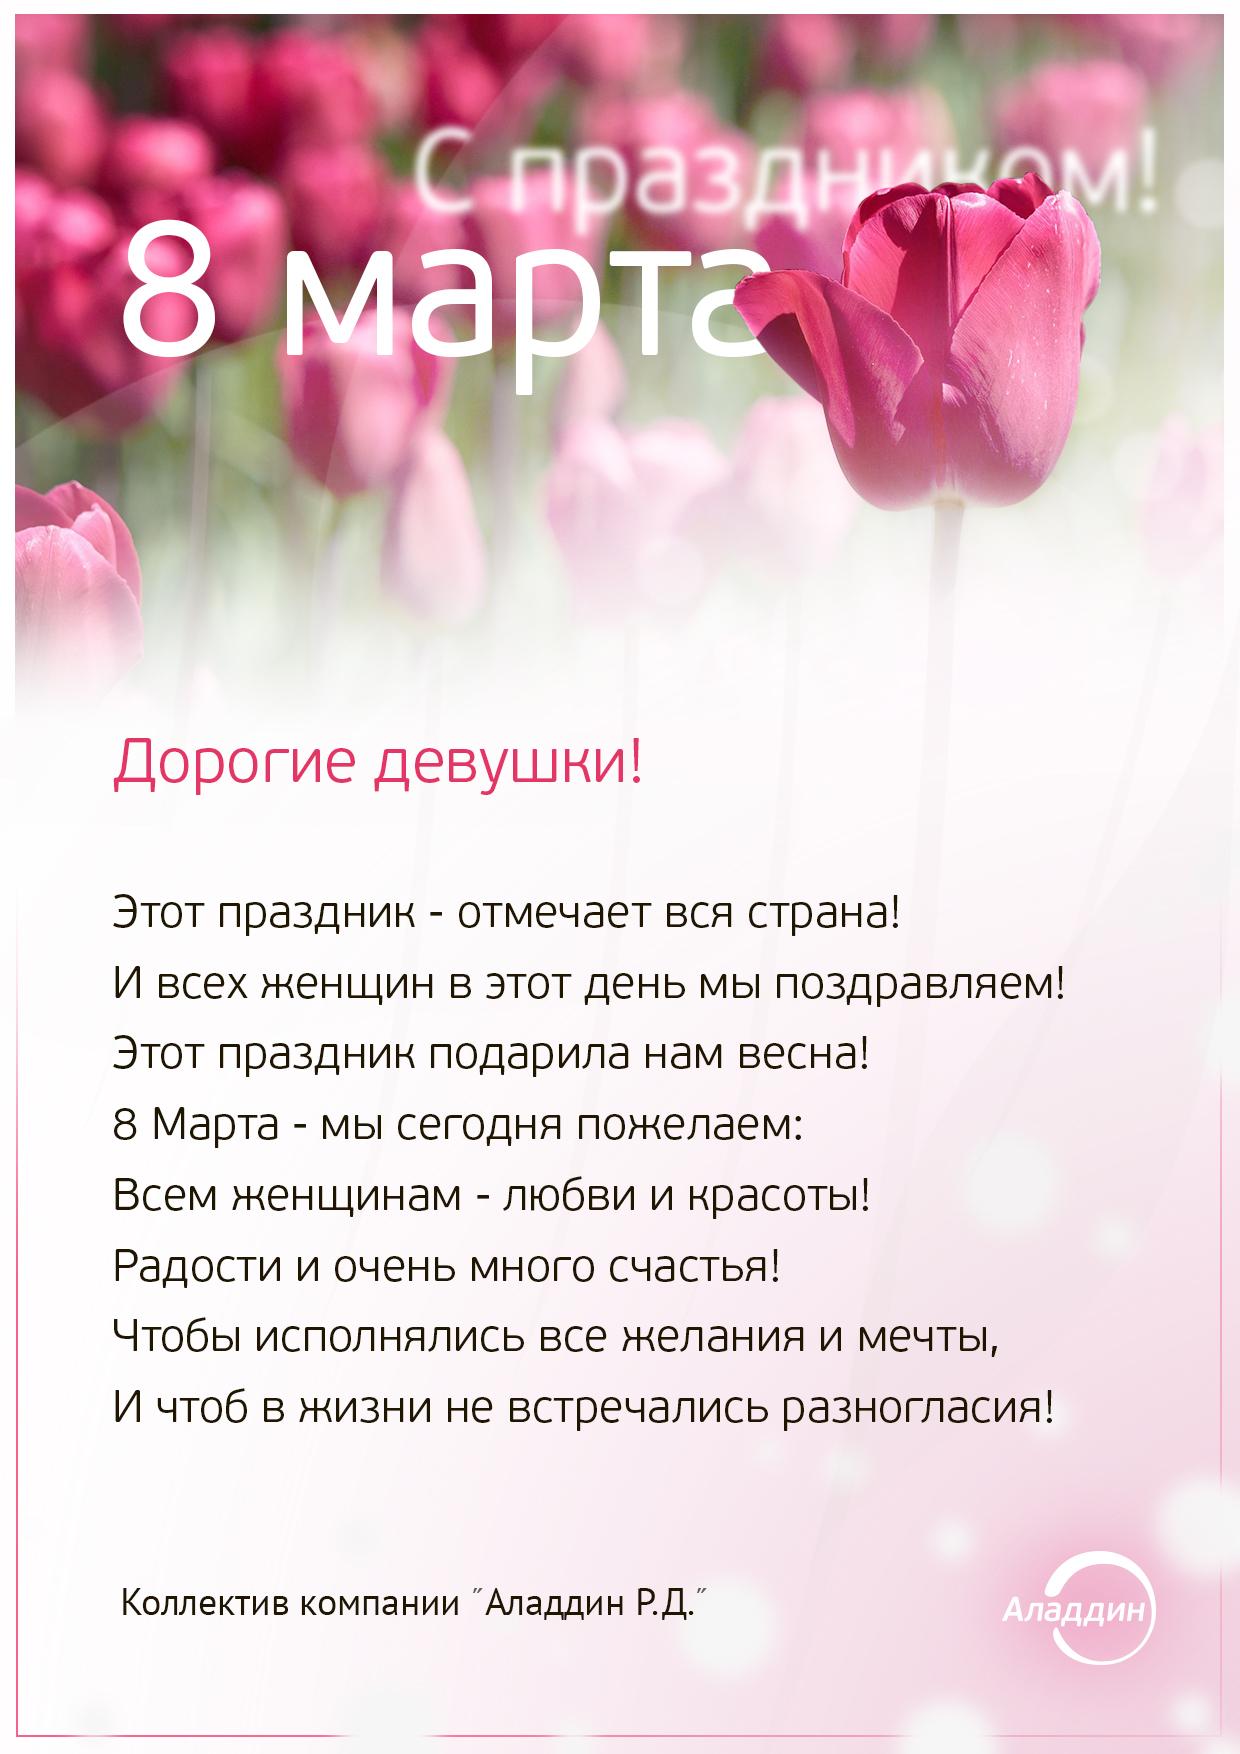 Аладдин поздравляет женщин с Международным женским днём!